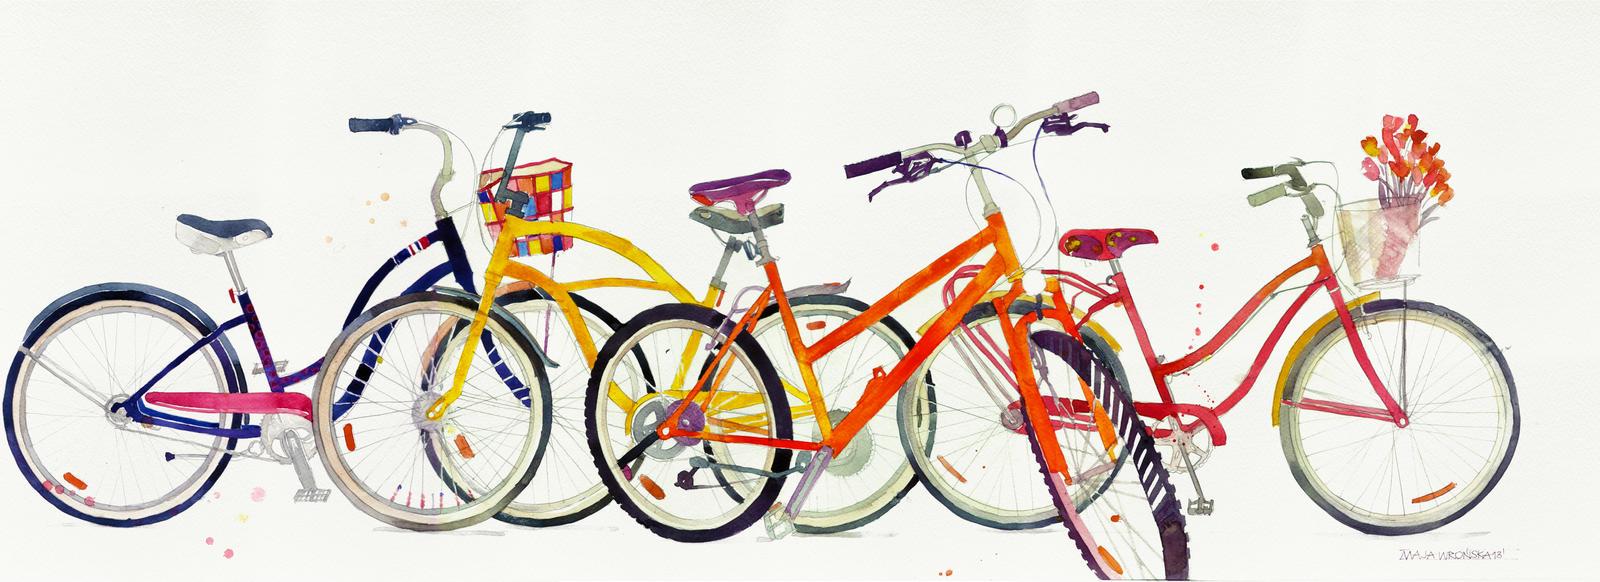 bikes by takmaj